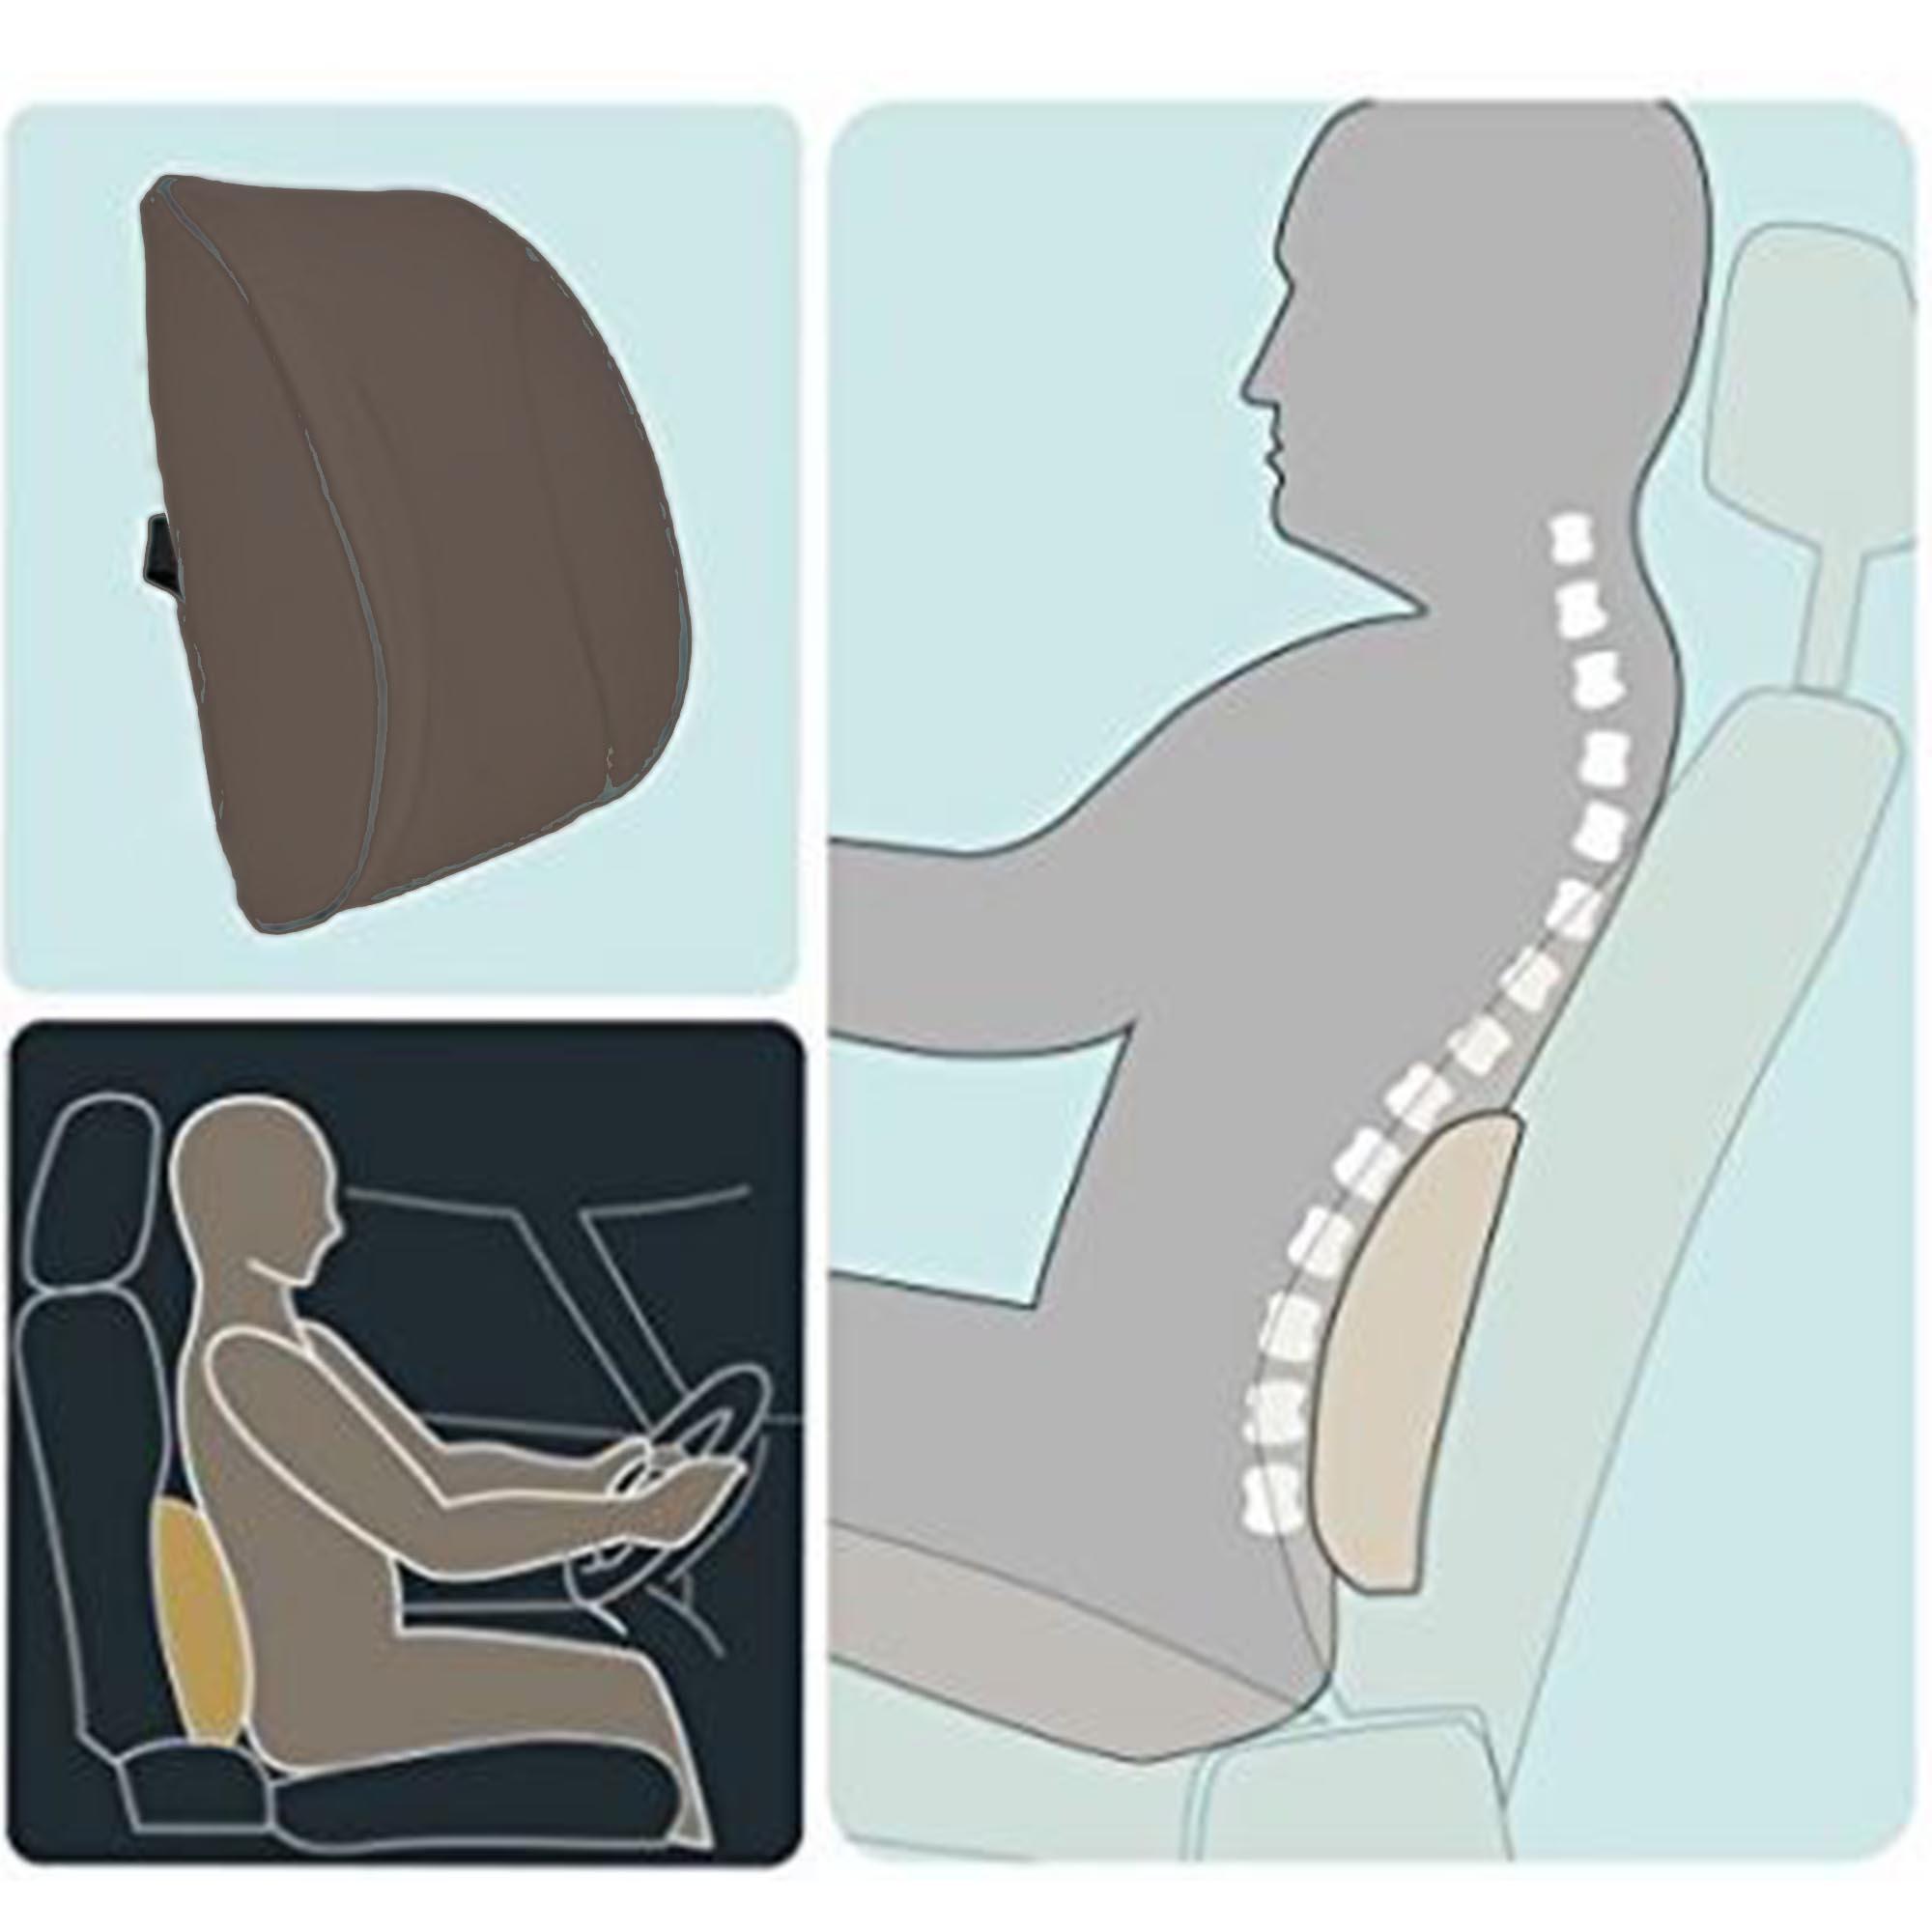 خرید پستی پشتی طبی ویژه صندلی اداری و اتومبیل